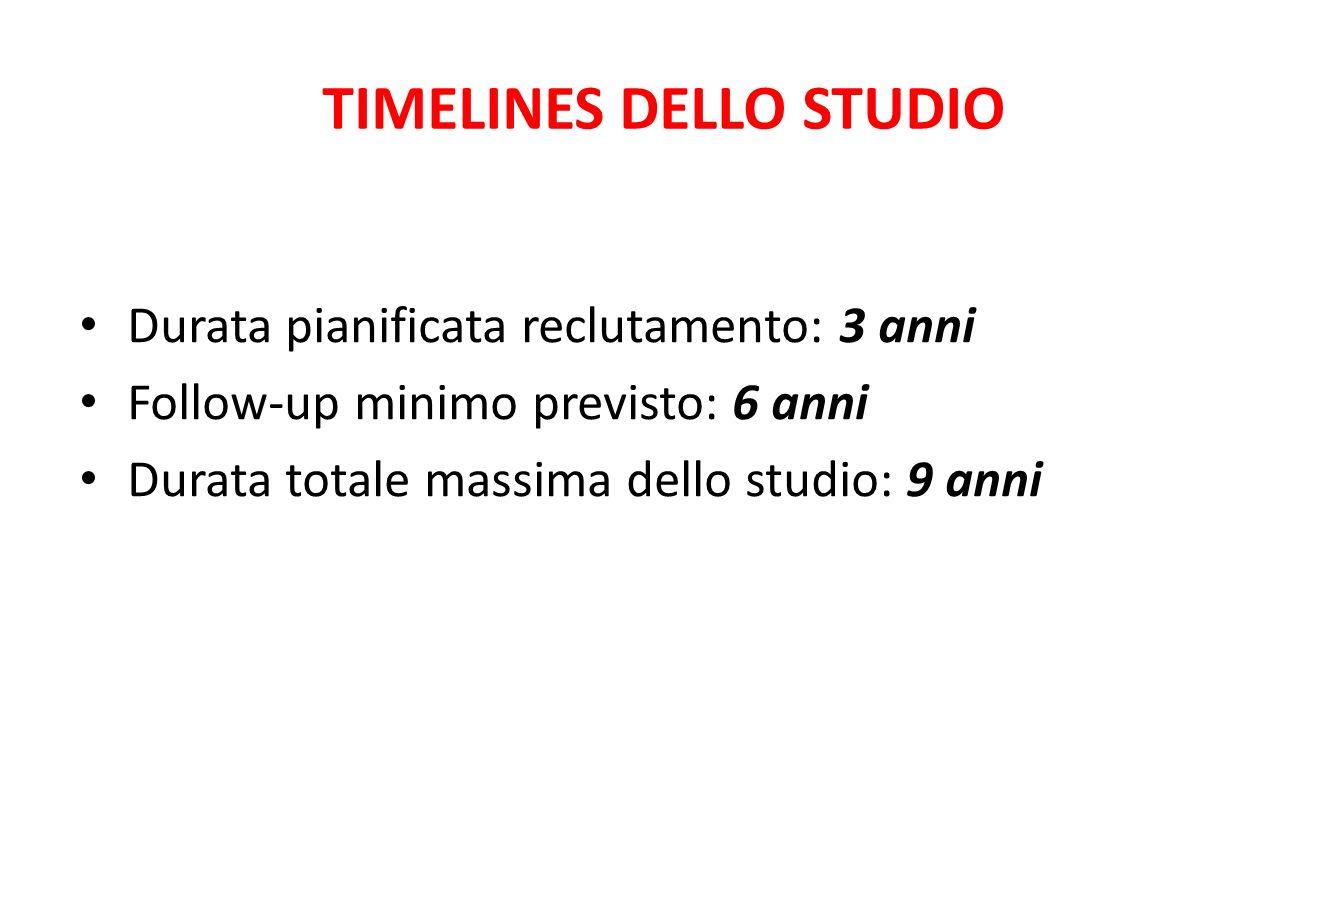 TIMELINES DELLO STUDIO Durata pianificata reclutamento: 3 anni Follow-up minimo previsto: 6 anni Durata totale massima dello studio: 9 anni